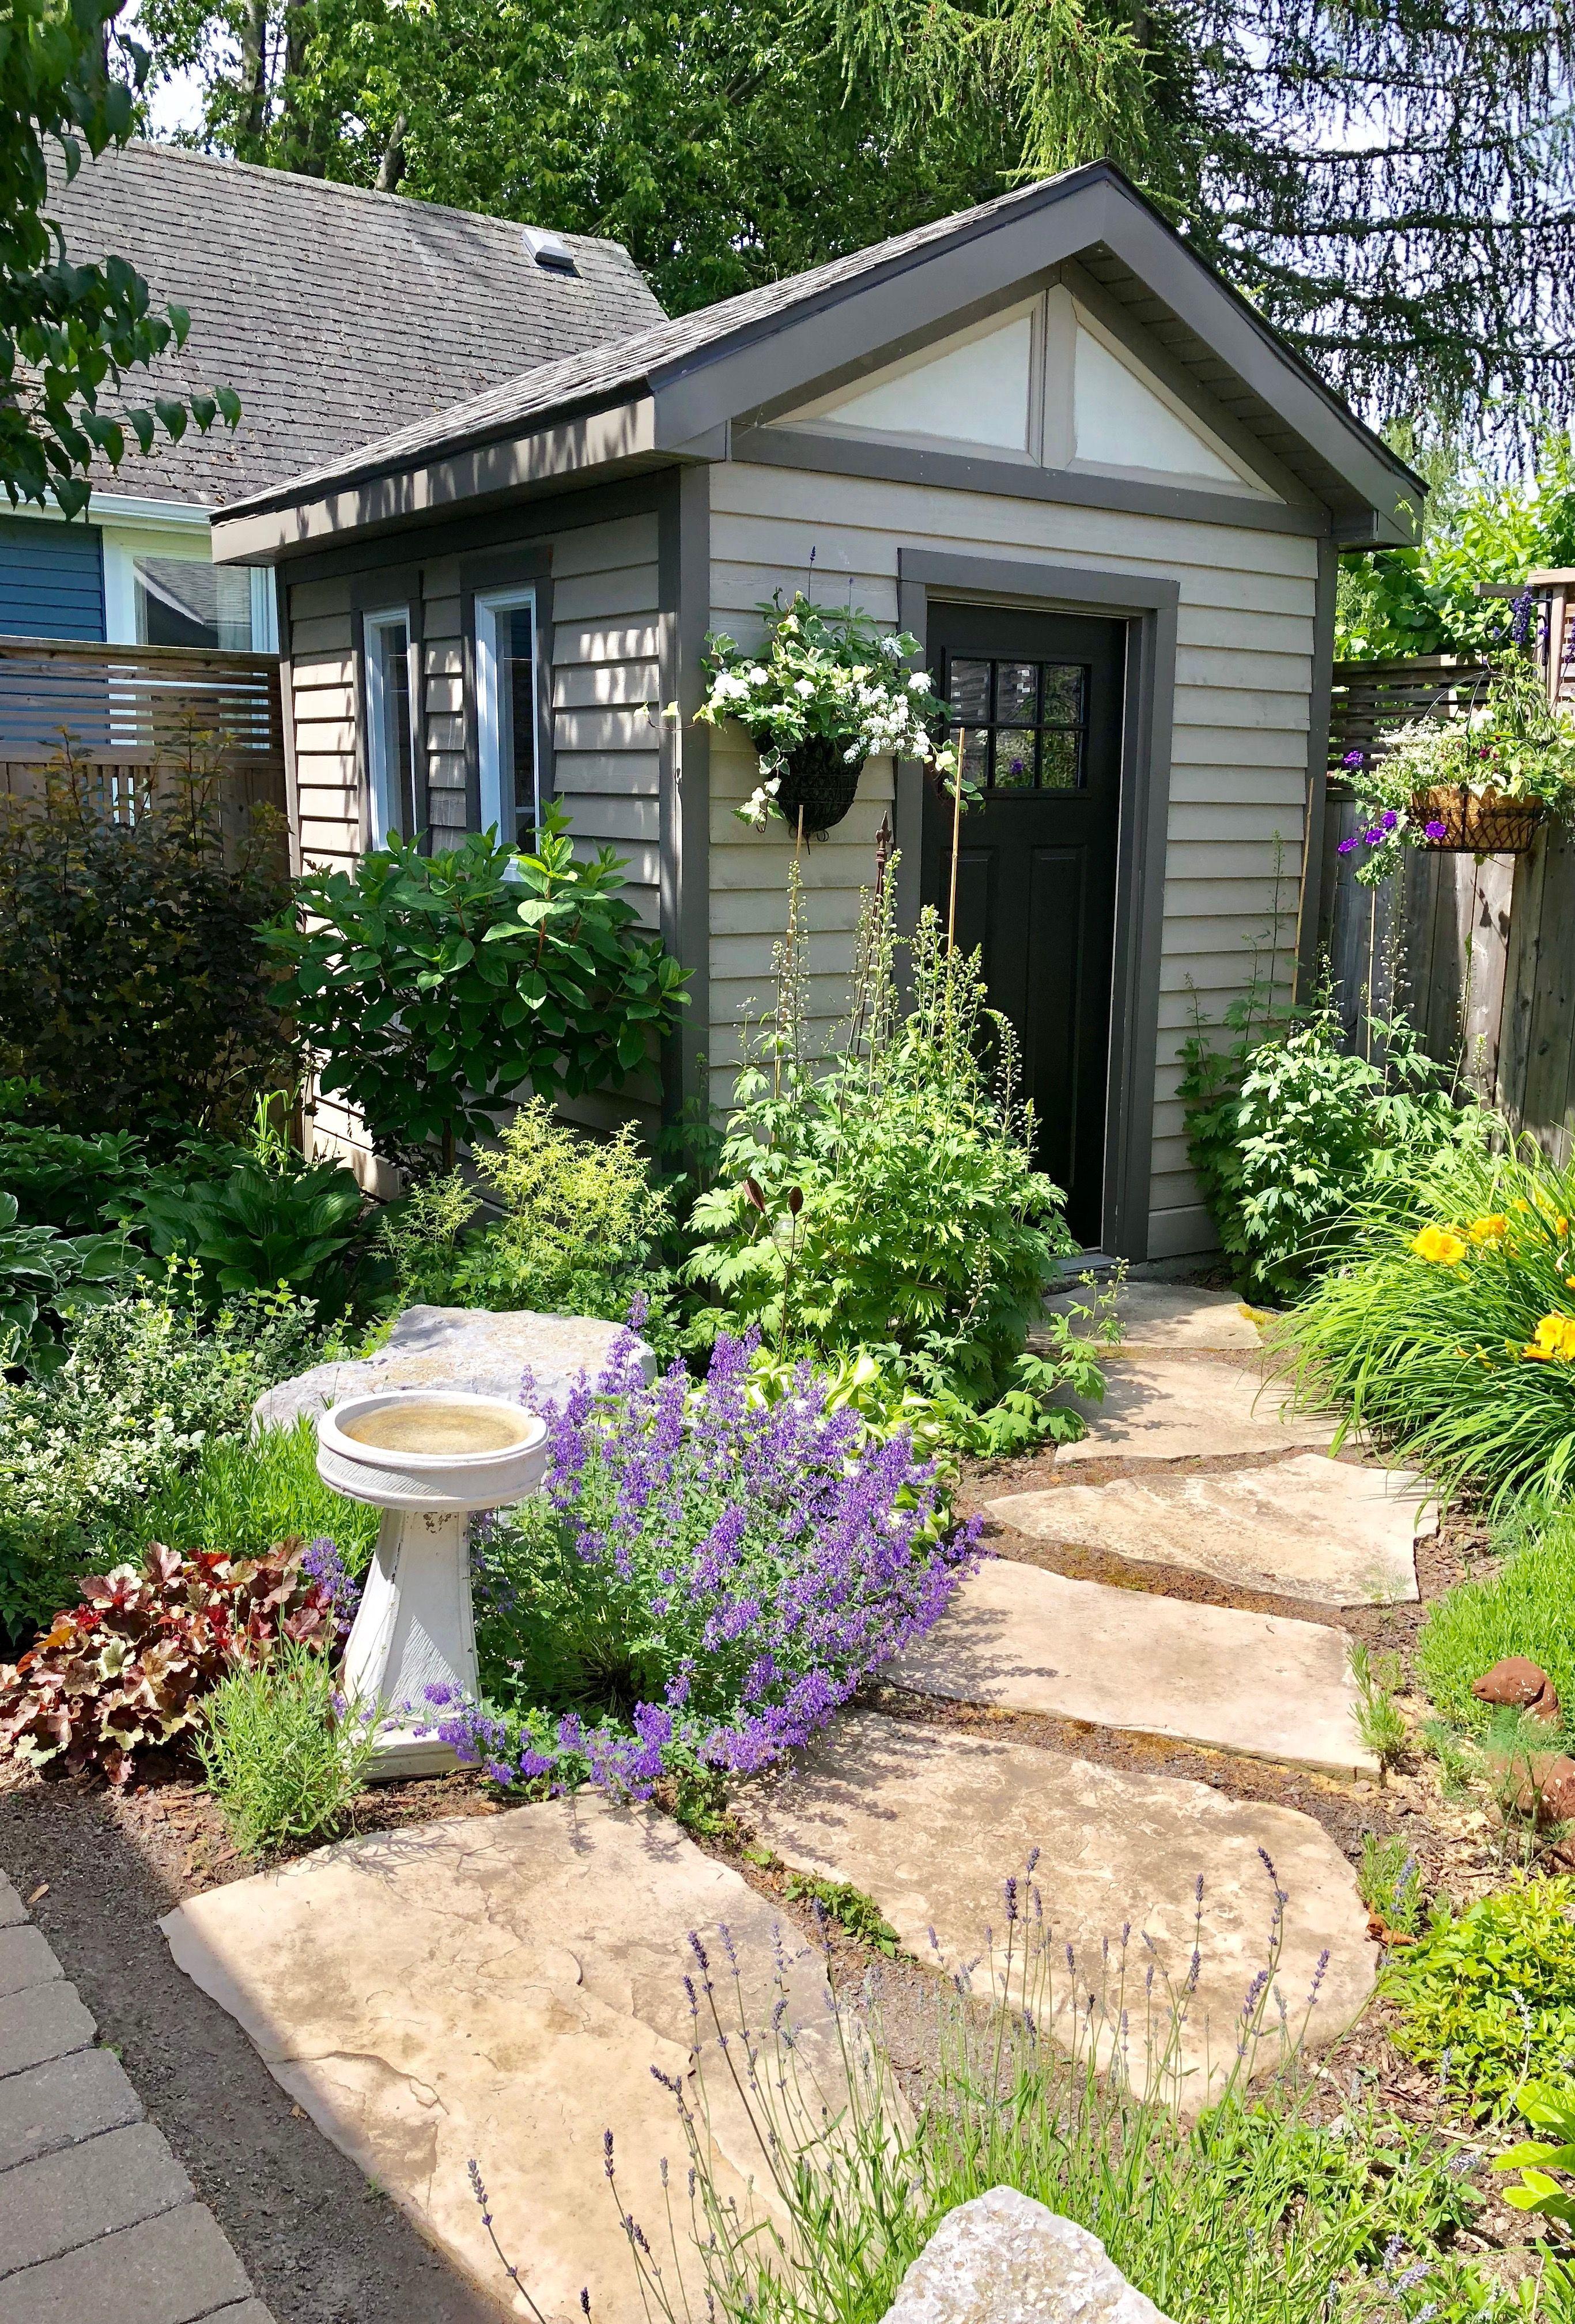 My She Shed Cottage Garden Backyard Landscaping Shed Landscaping Backyard landscaping ideas with sheds